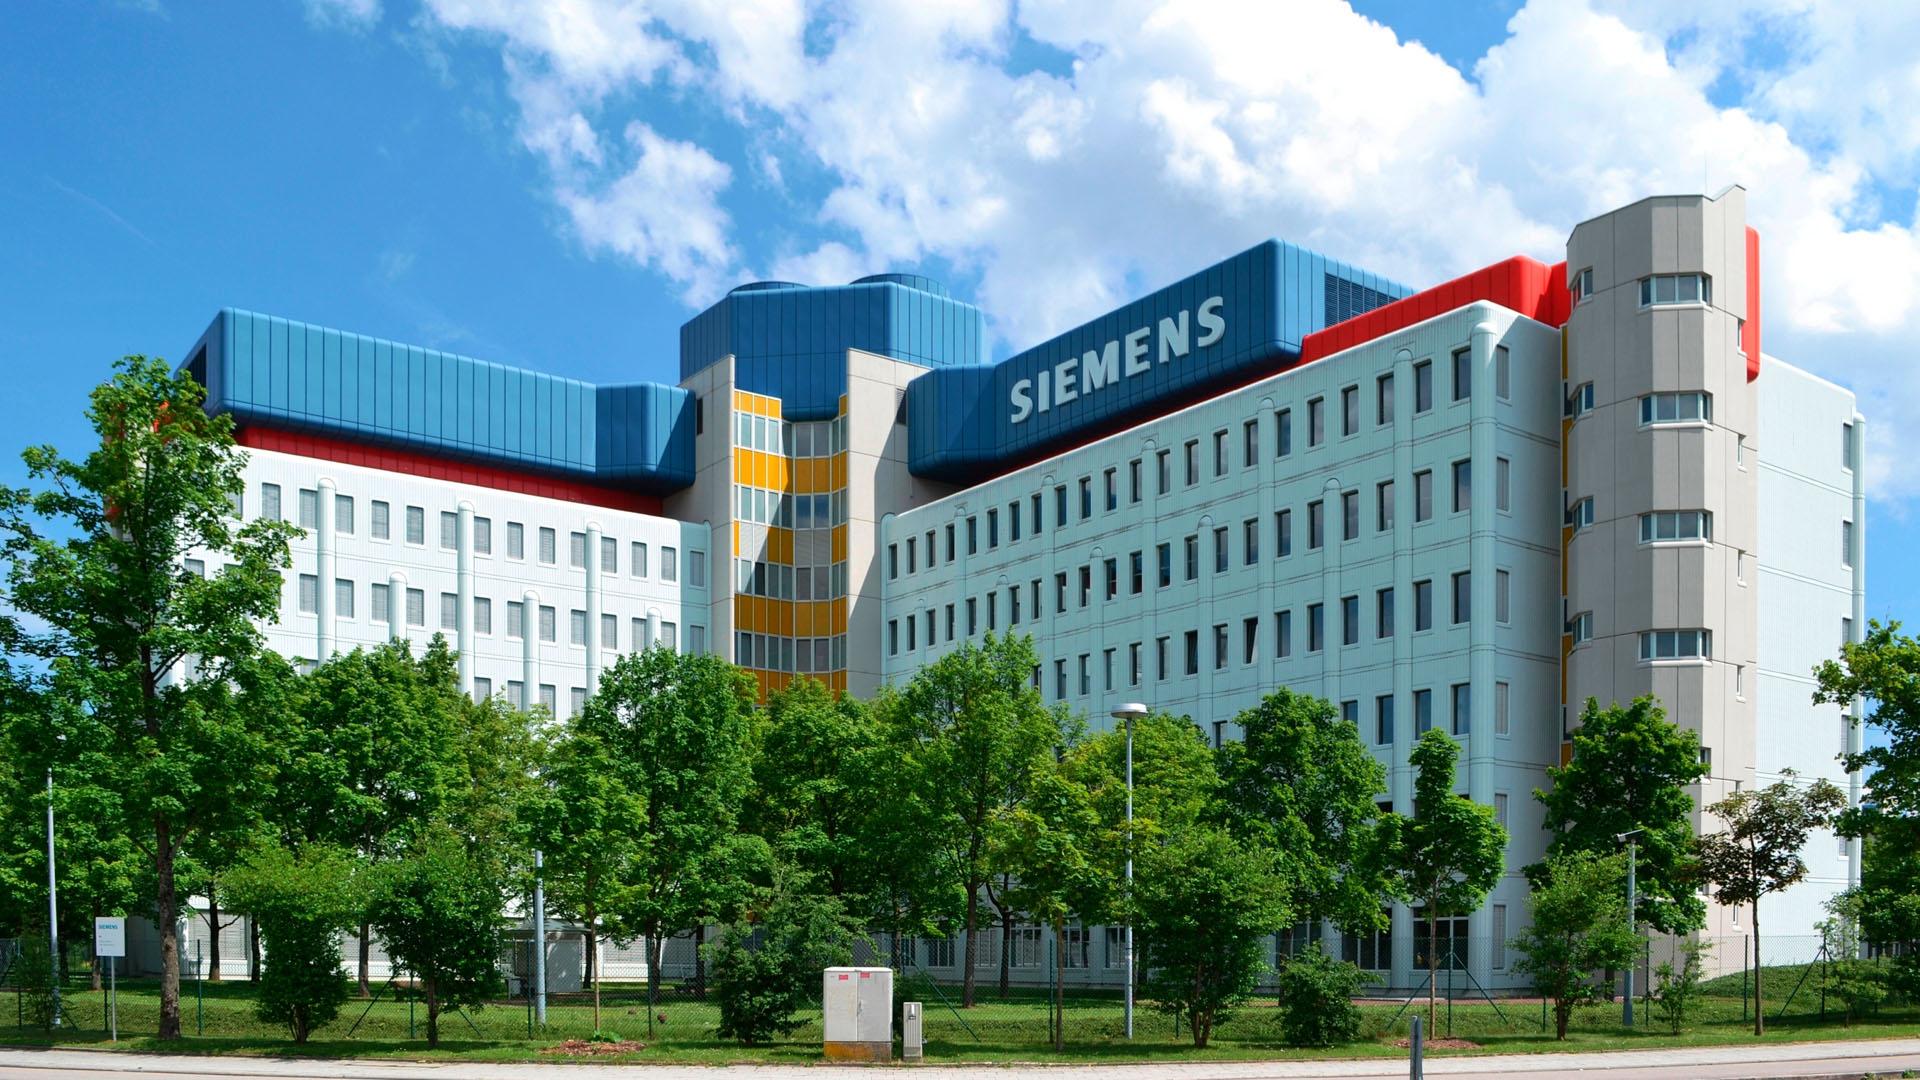 La empresa alemana de ingeniería incremento sus ingresos en los últimos meses y se afianza en el mercado ante sus competidores